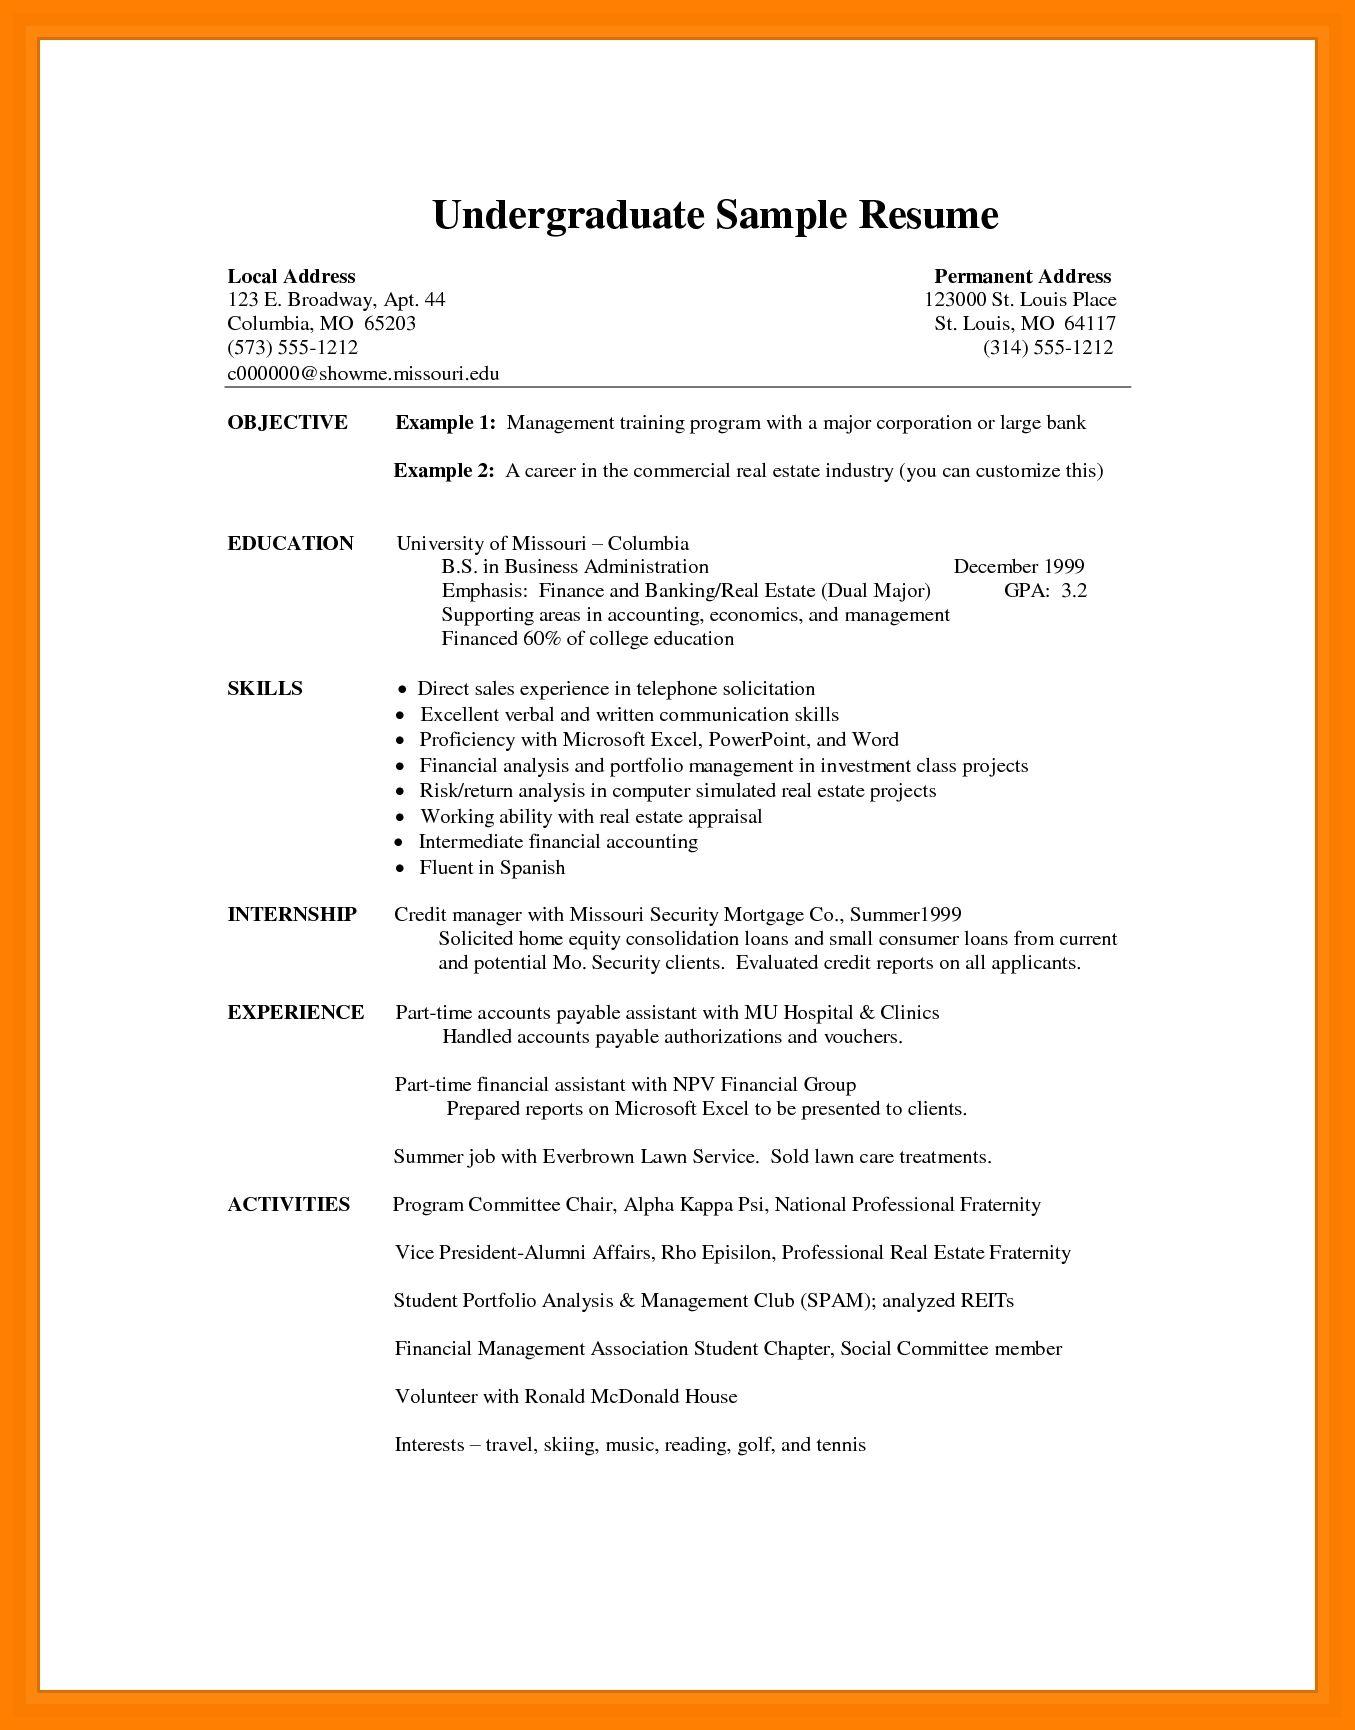 Resume Format Undergraduate Resume Templates Resume Examples Resume Format Resume